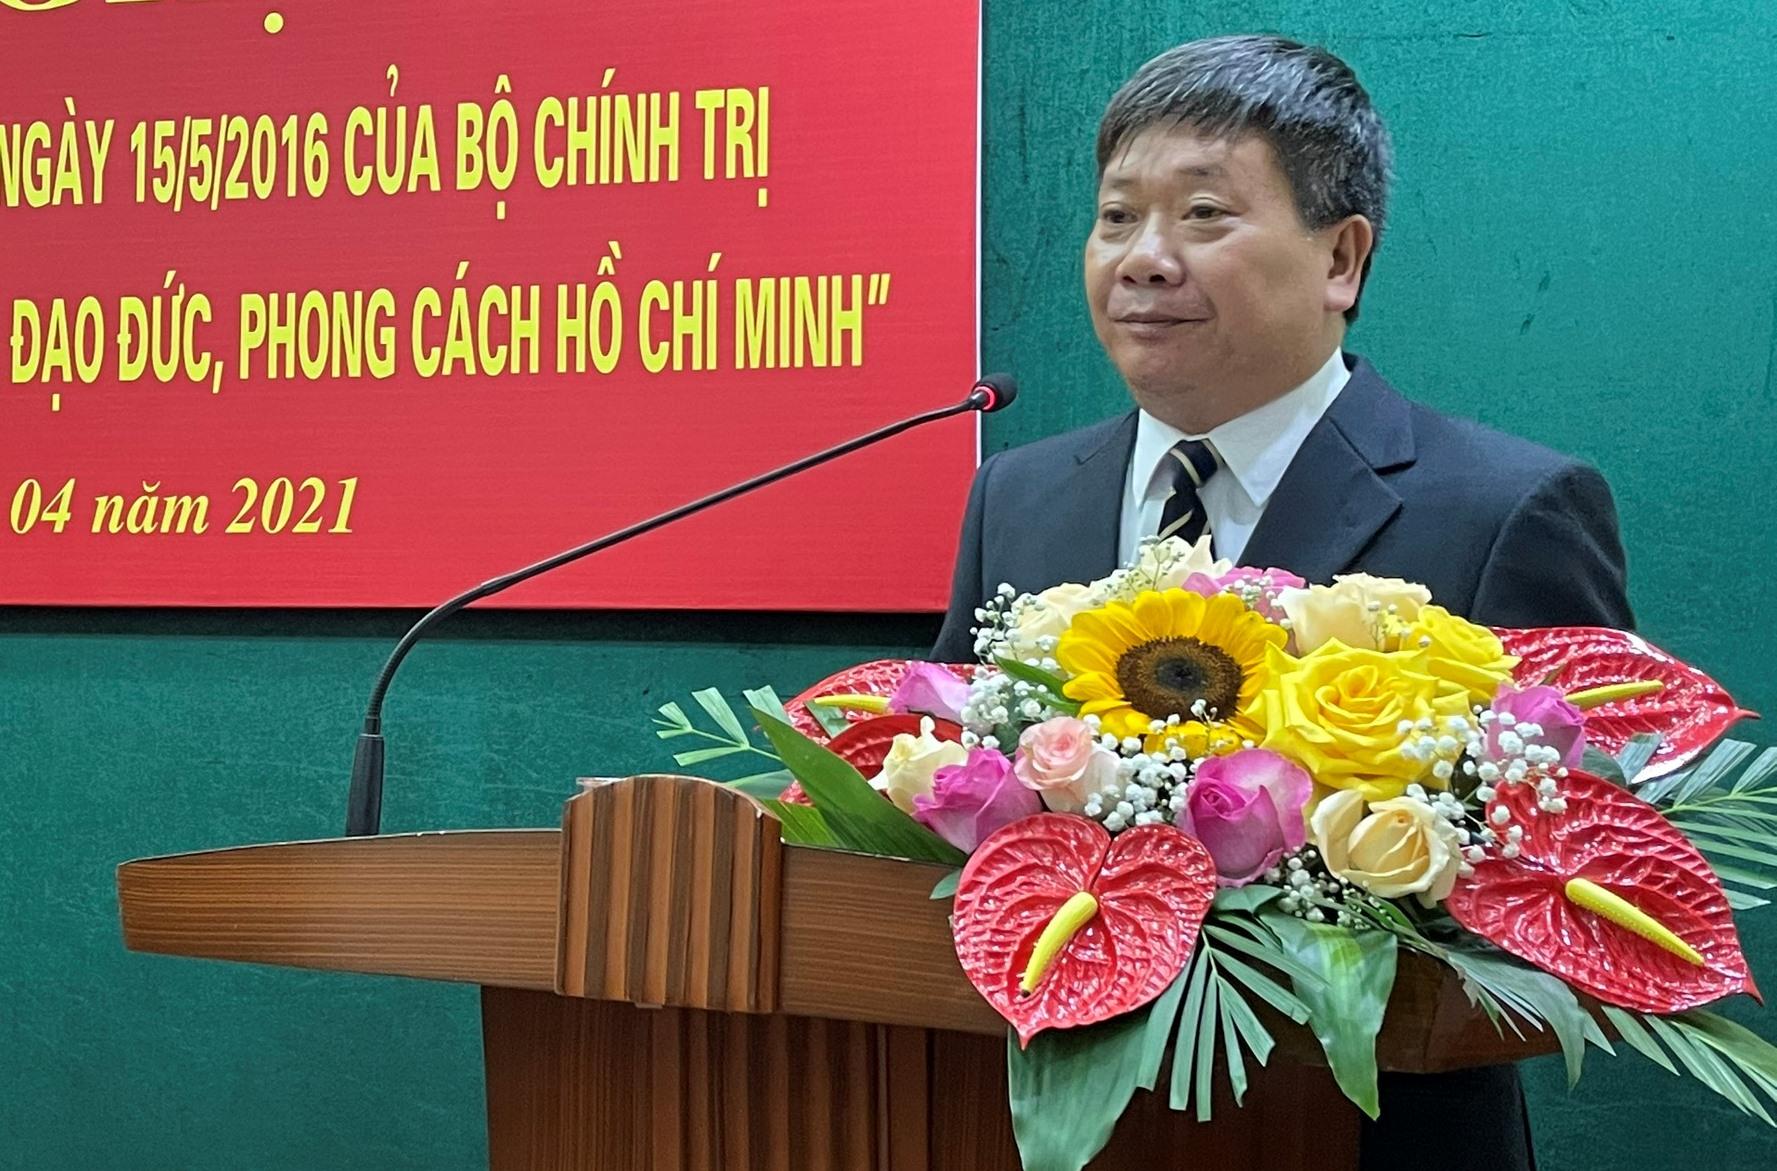 """Phải coi việc thực hiện """"Đẩy mạnh học tập và làm theo tư tưởng, đạo đức, phong cách Hồ Chí Minh"""" là công việc thường xuyên, phải làm suốt cuộc đời - Ảnh 2."""